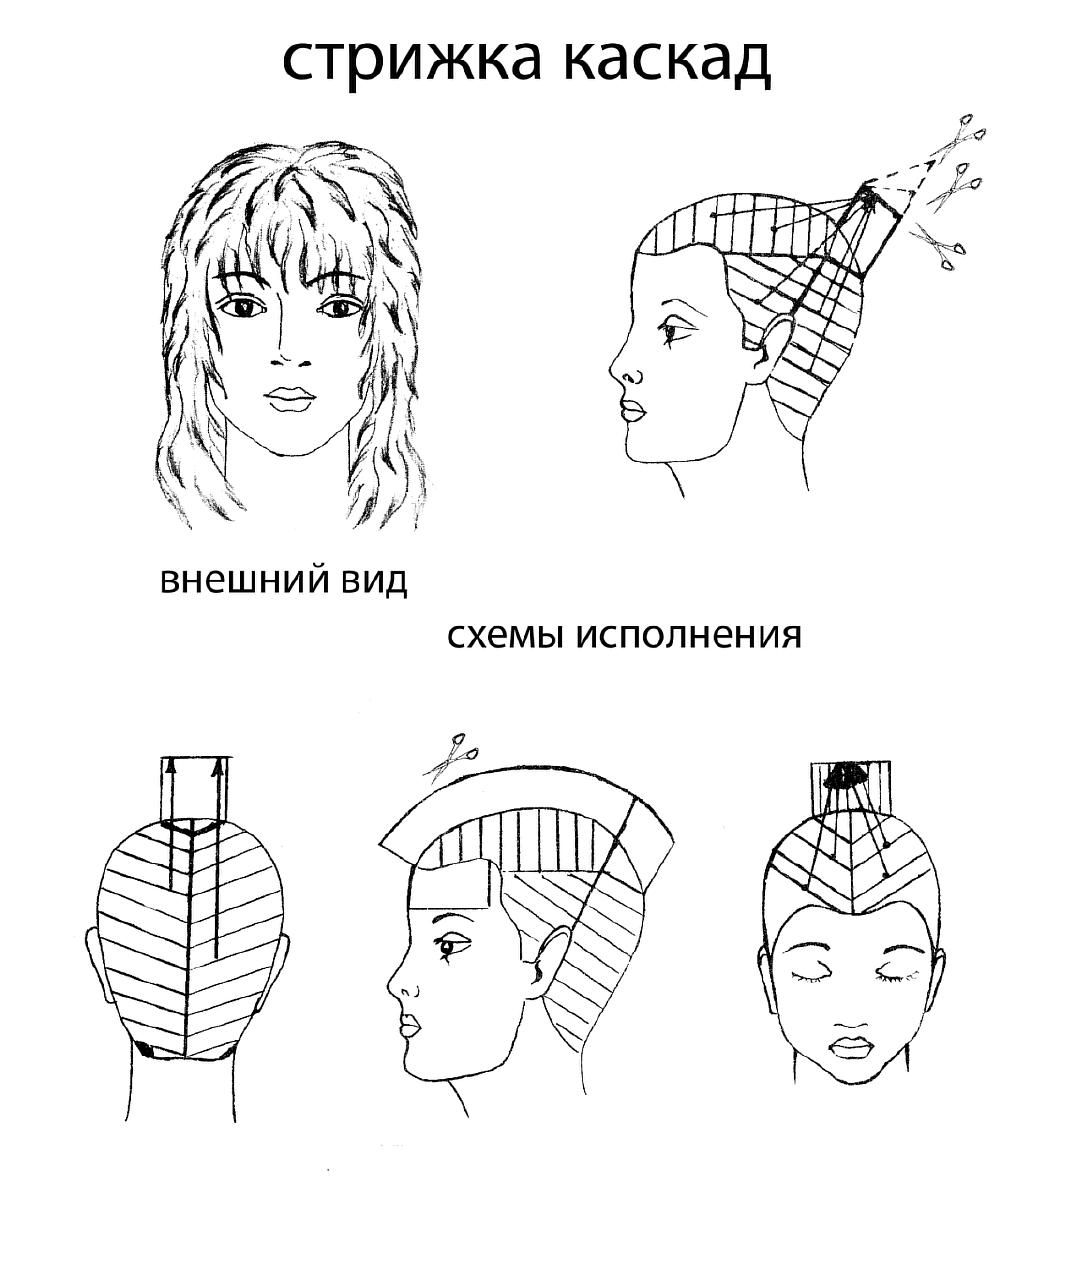 Как сделать стрижку каскад на коротких волосах